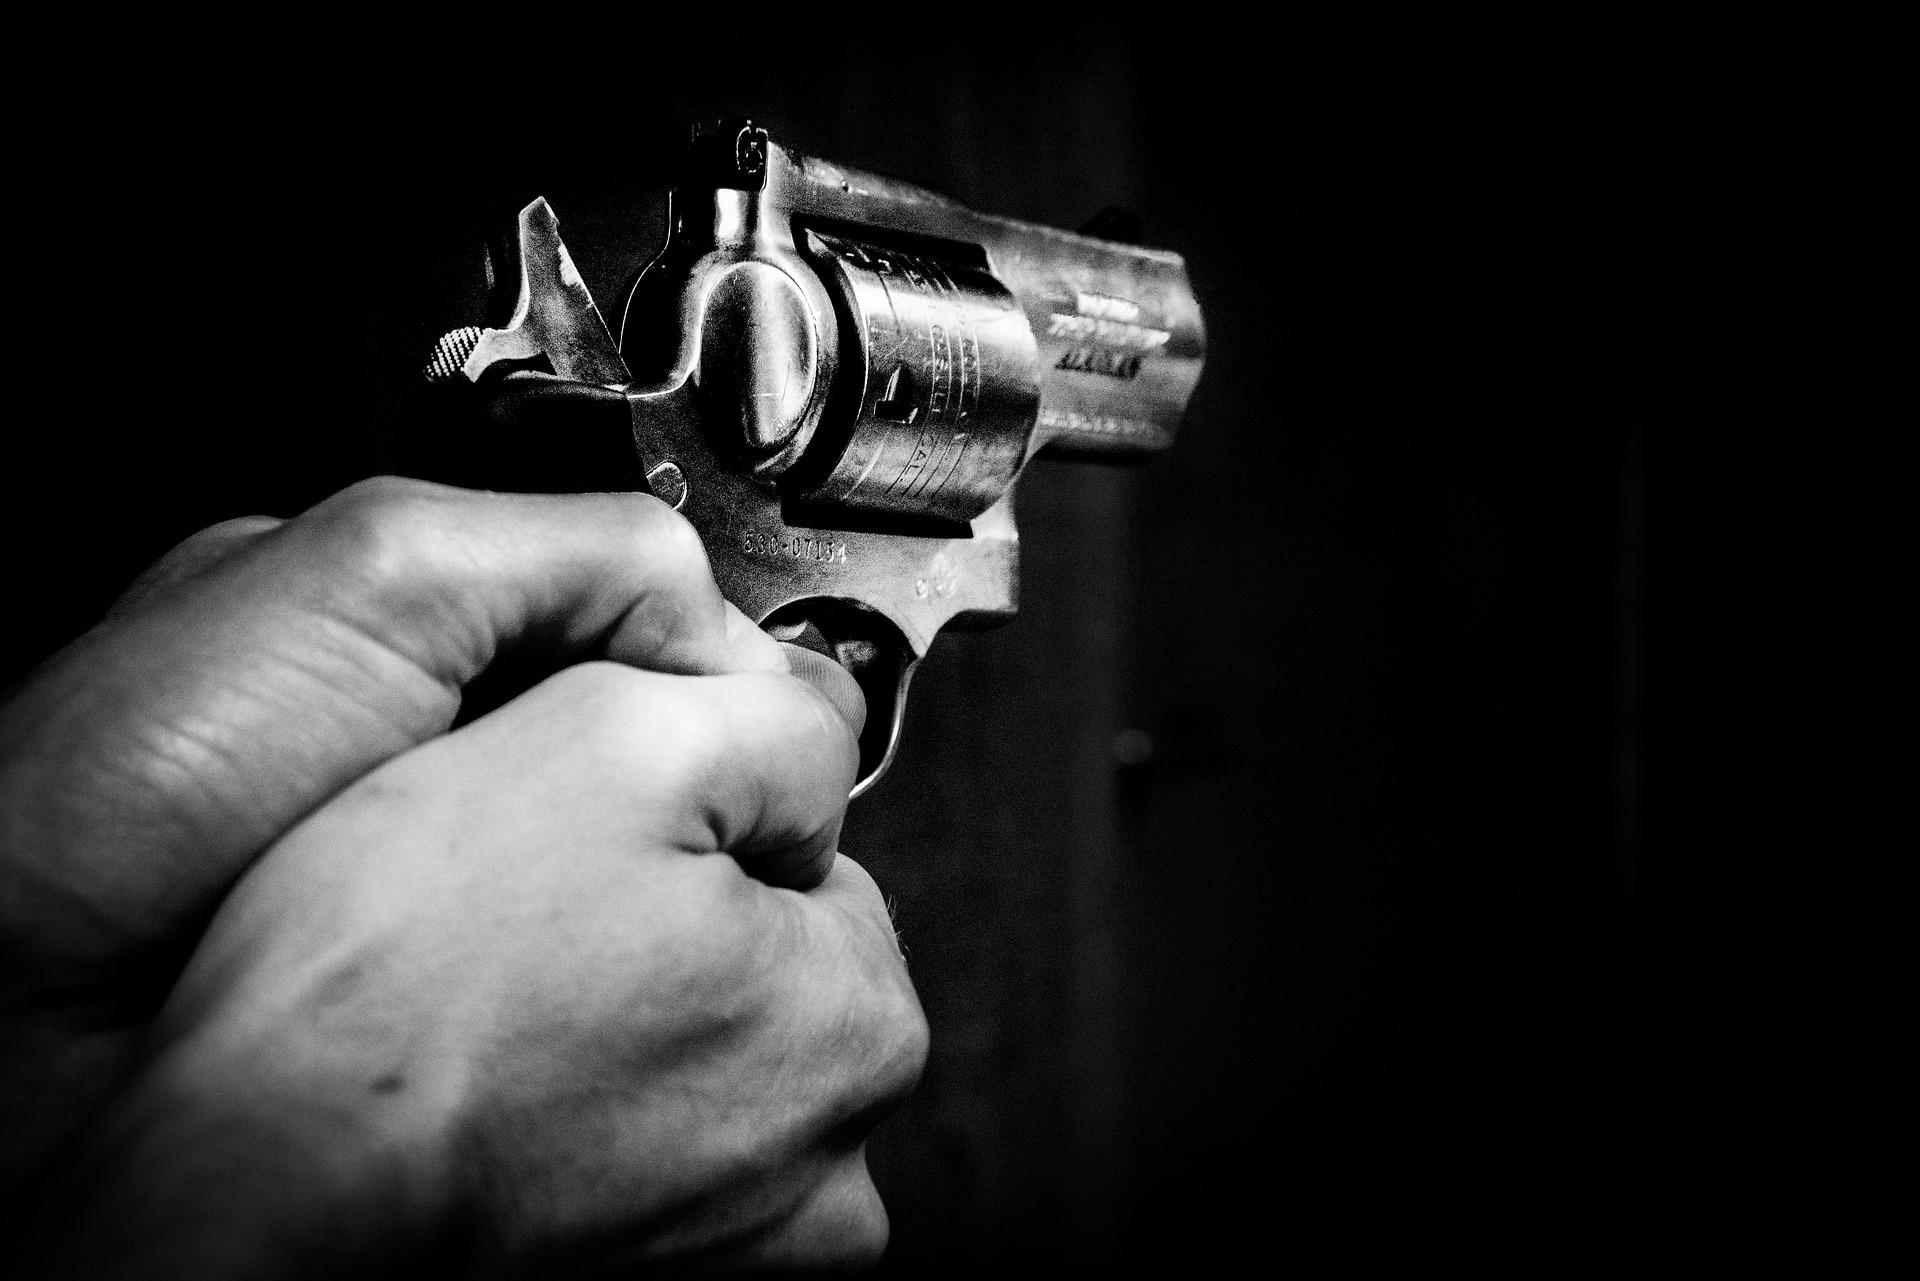 картинки револьвер в руках всех